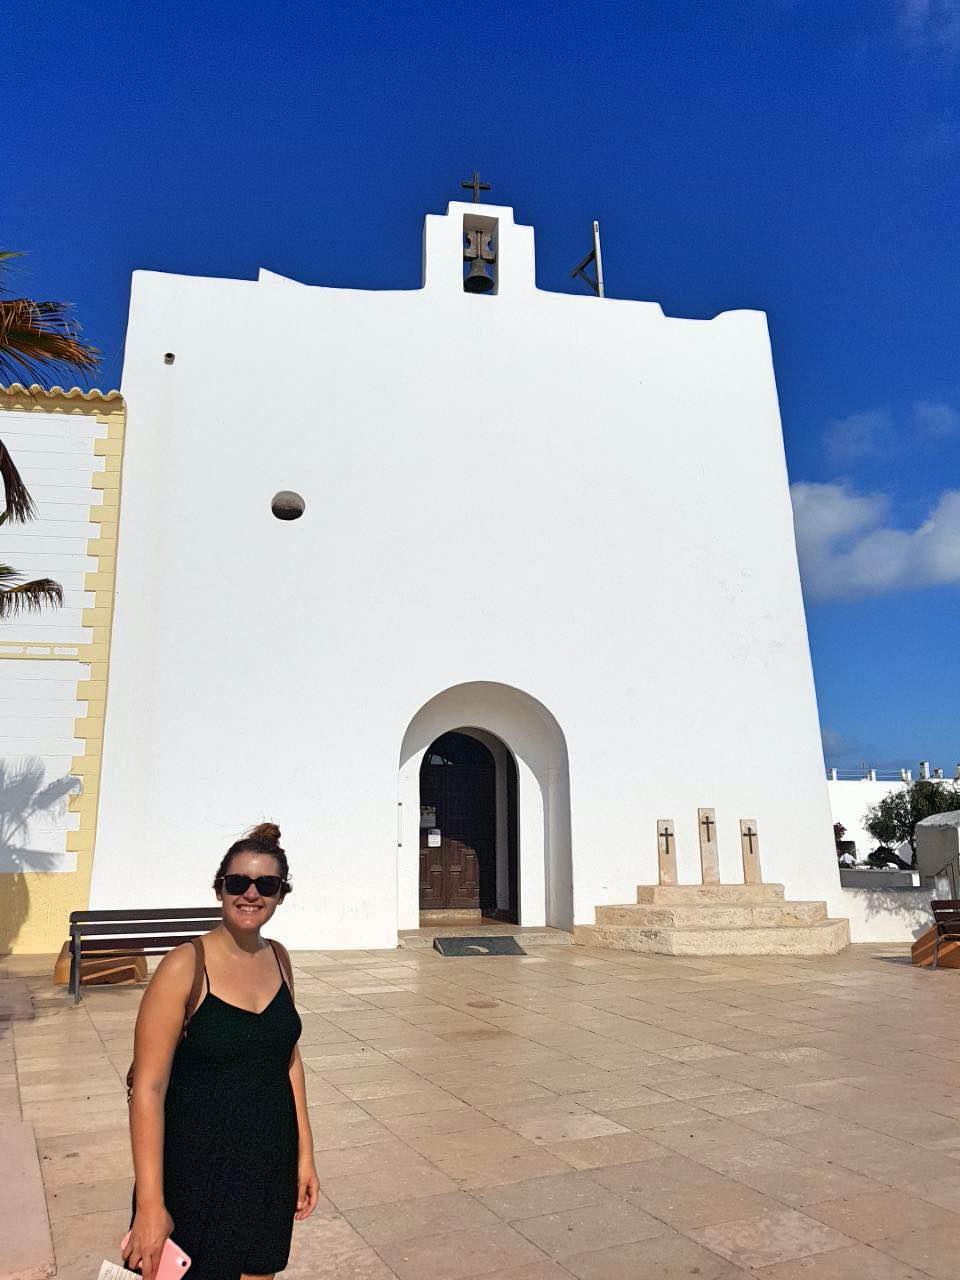 Qué hacer en Formentera: foto en la que salgo yo con la iglesia de San Francesc de fondo